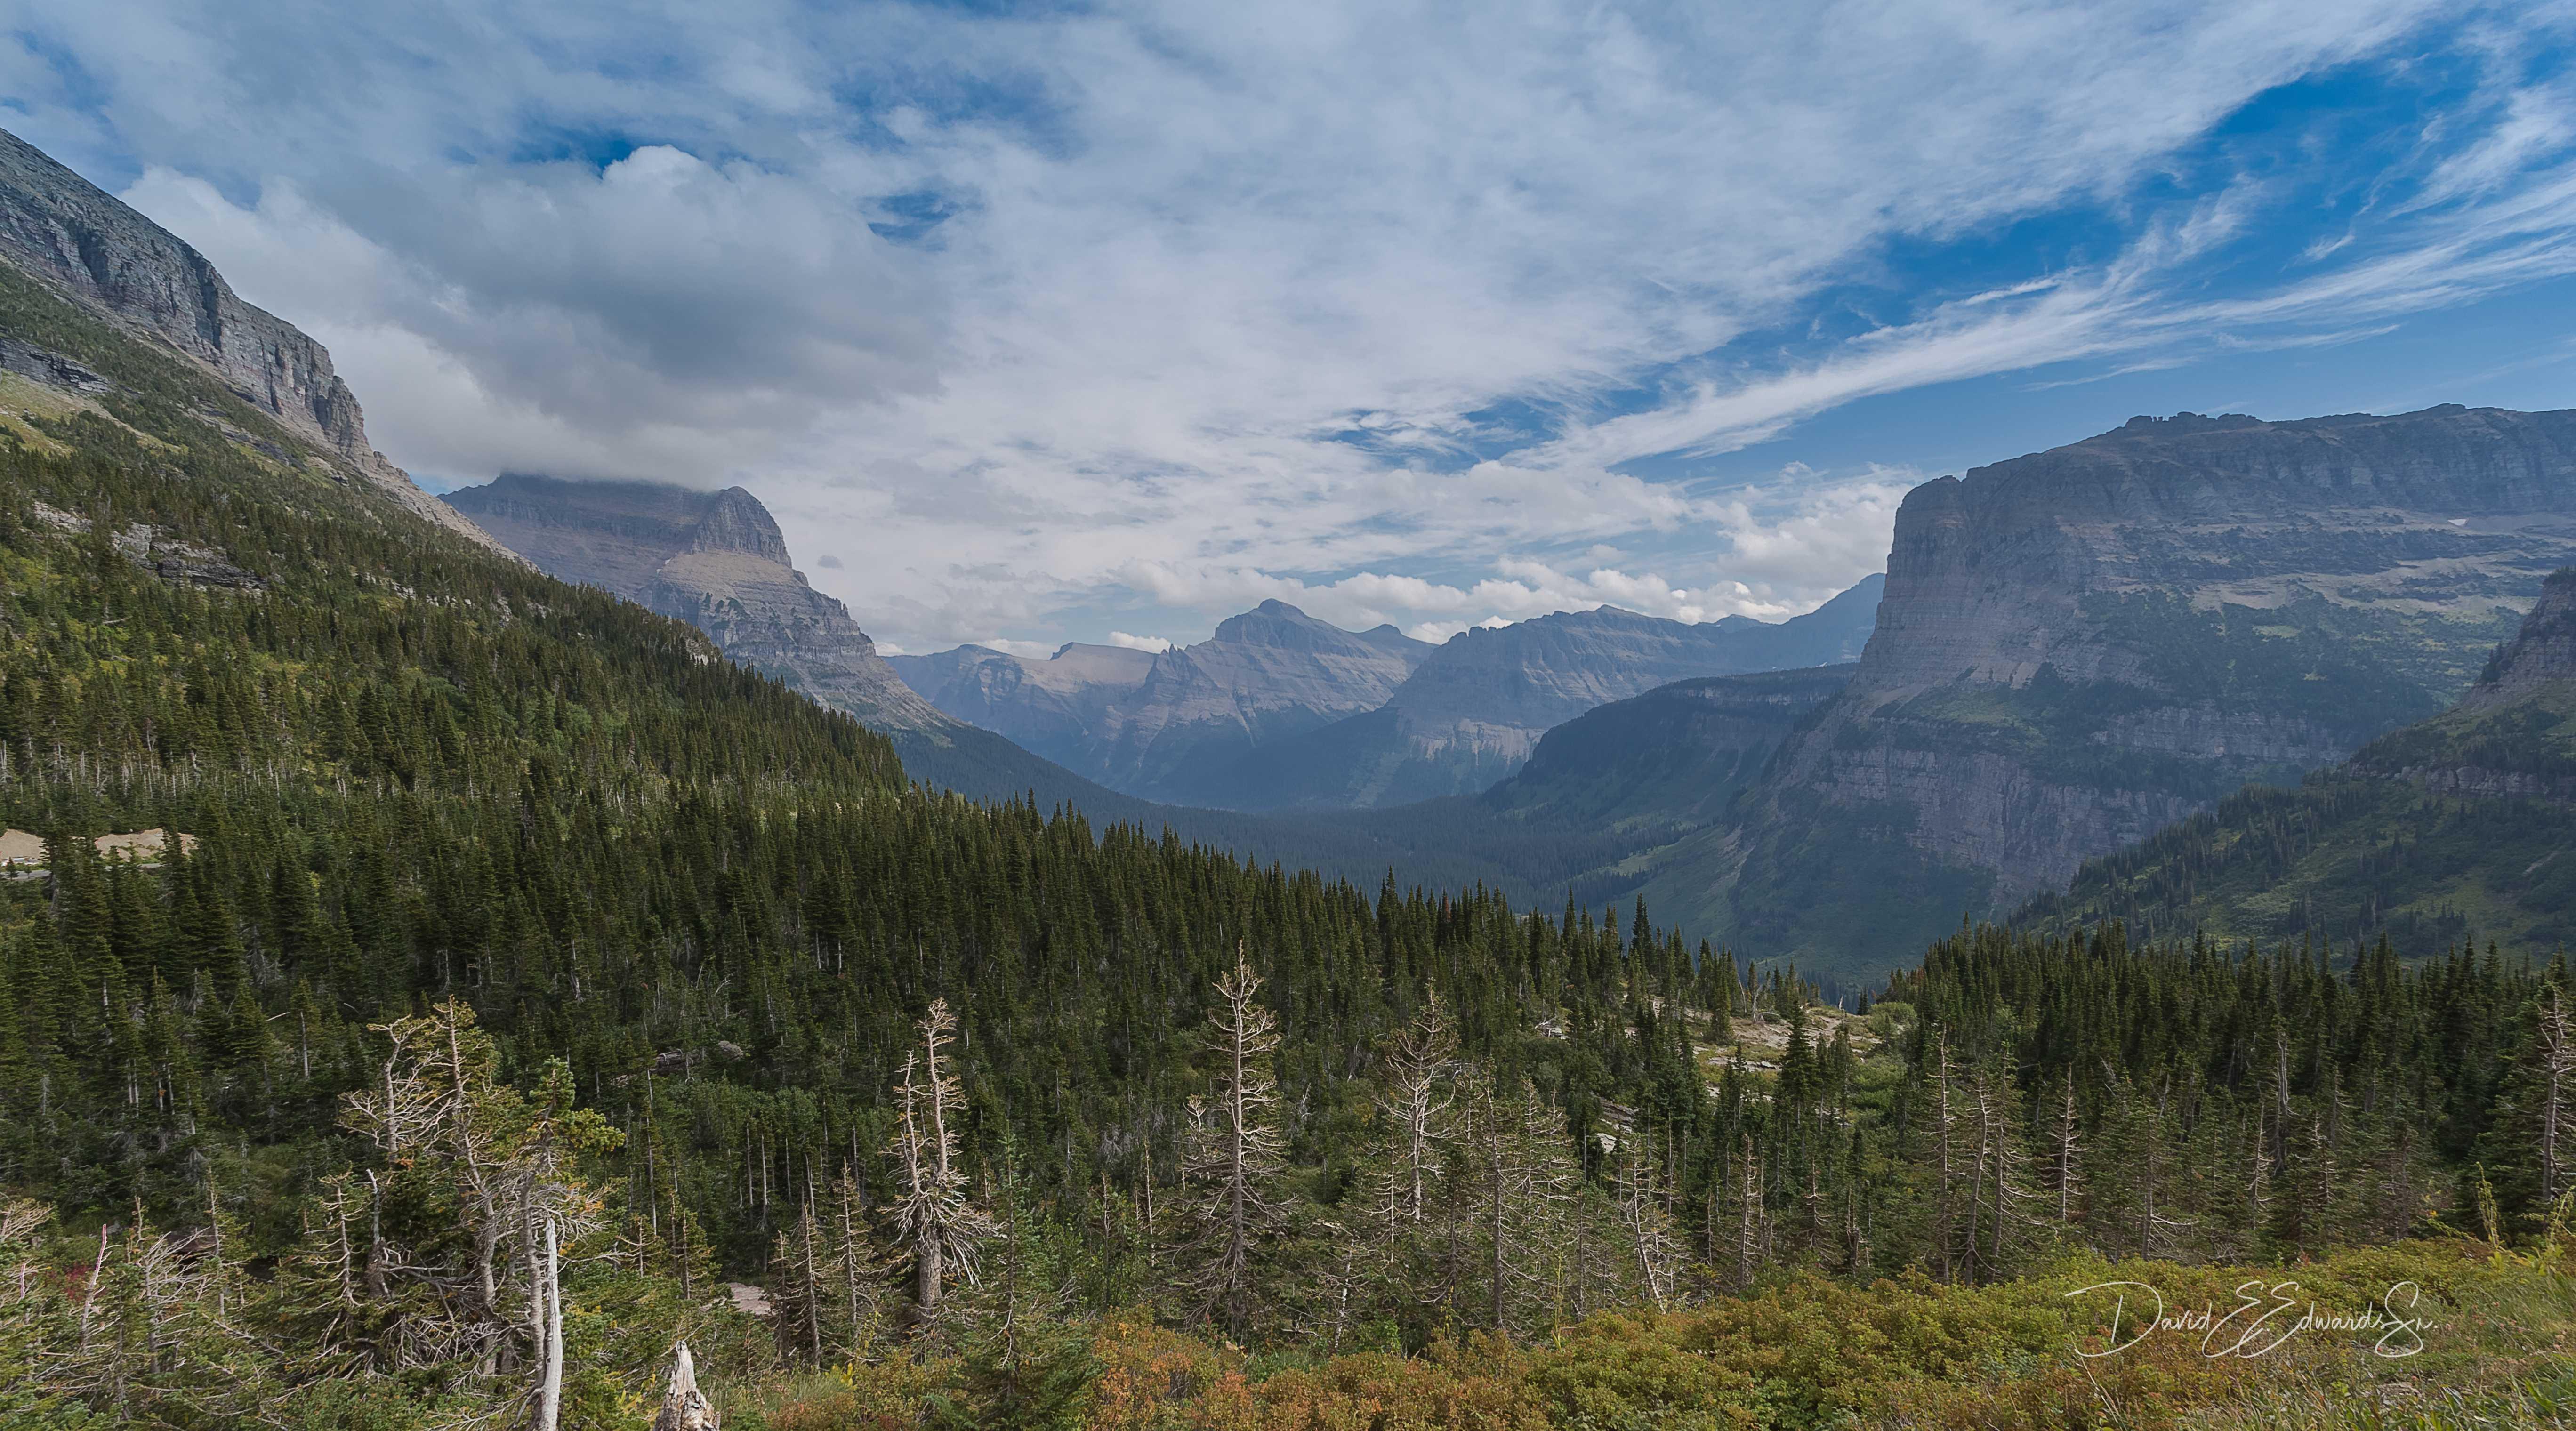 Cloudy smoky Glacier view